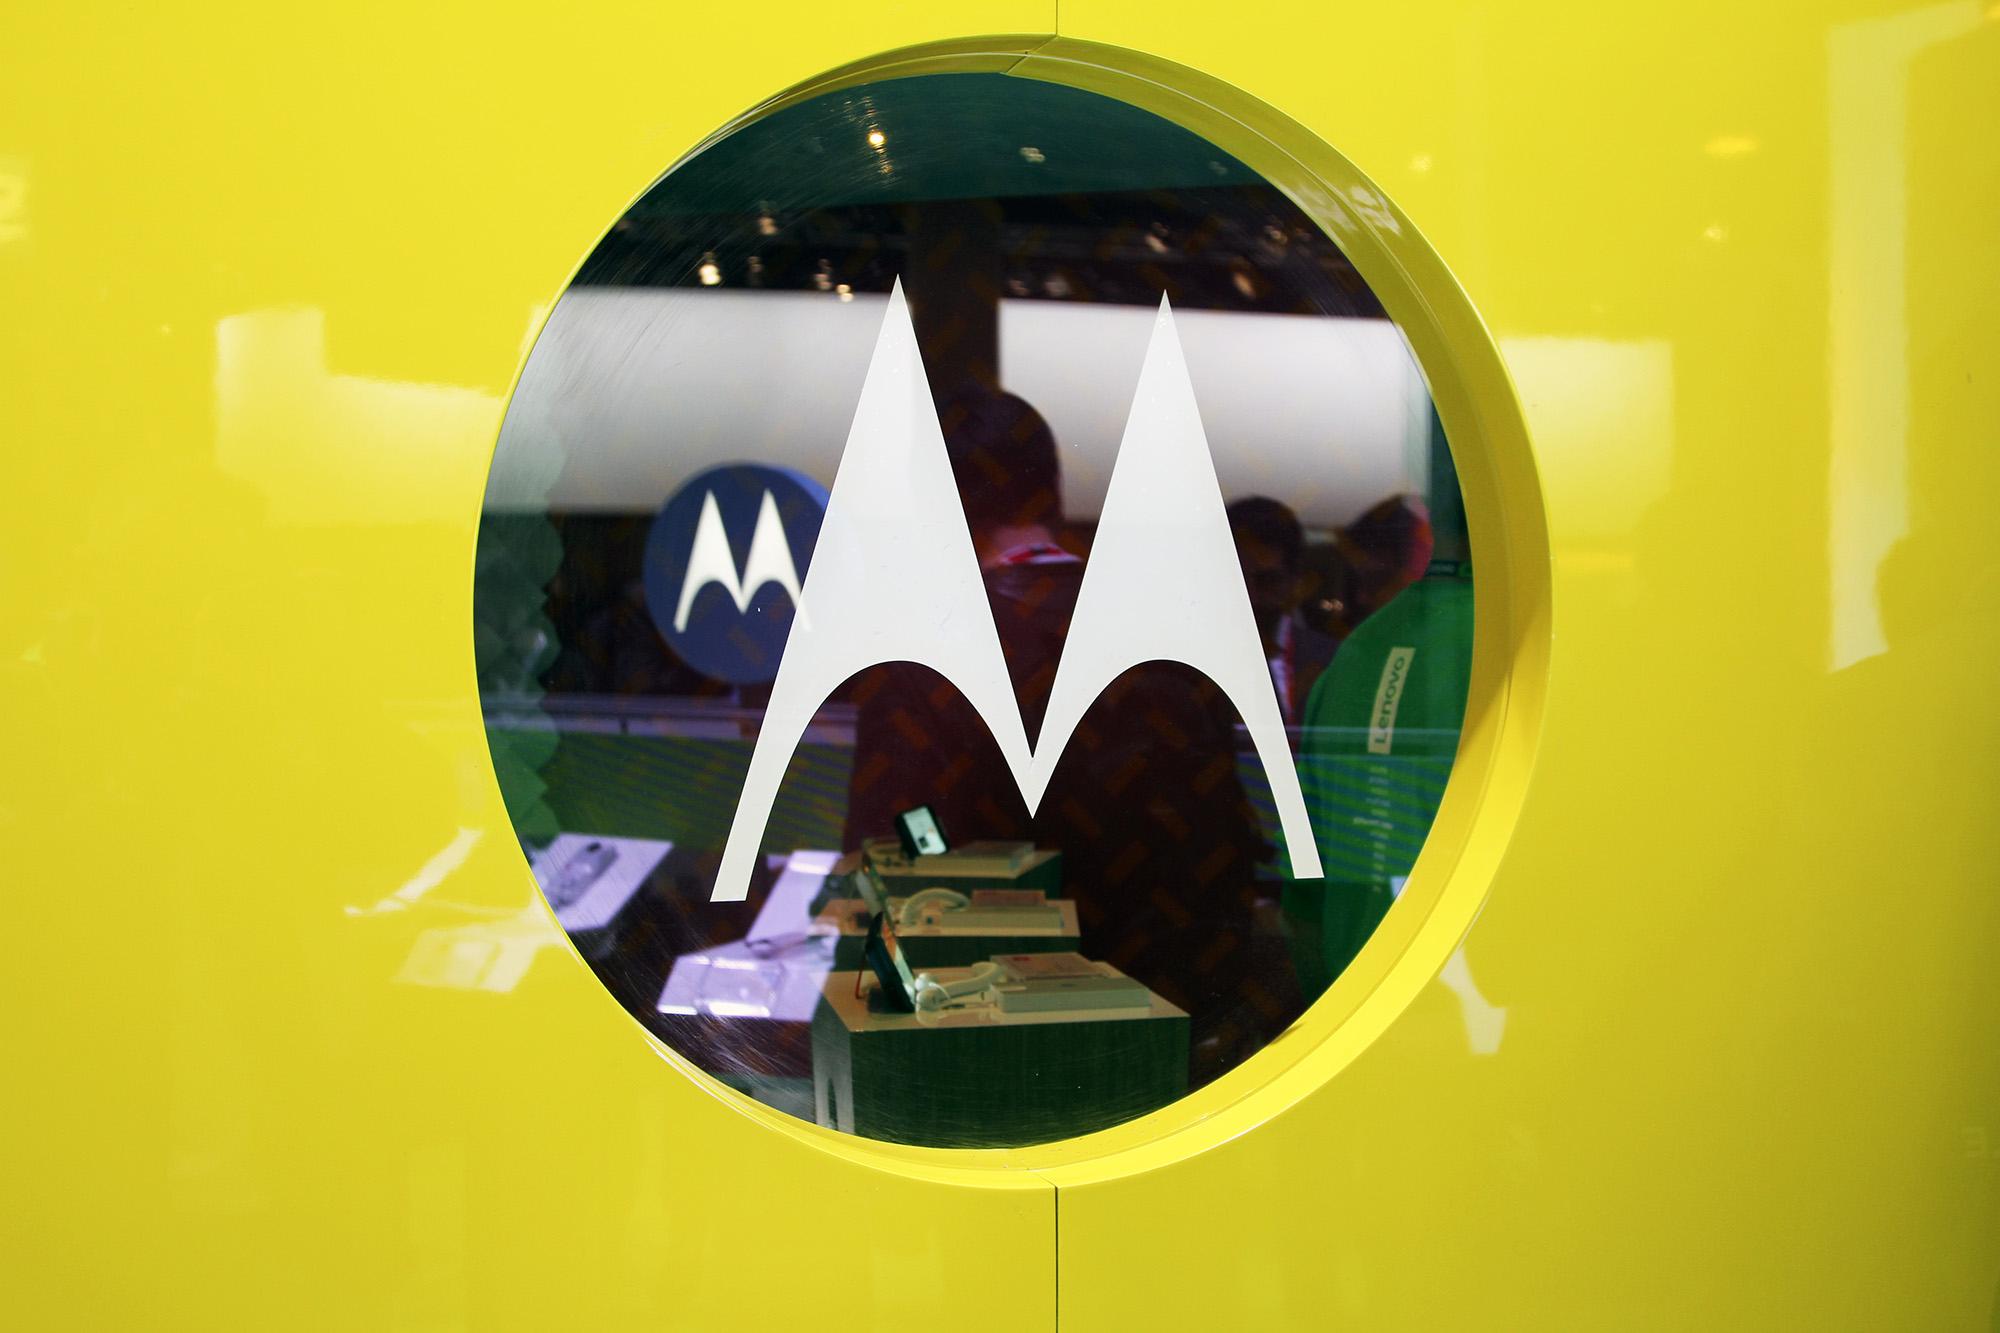 Первая утечка изображений Motorola Moto Z2 Force